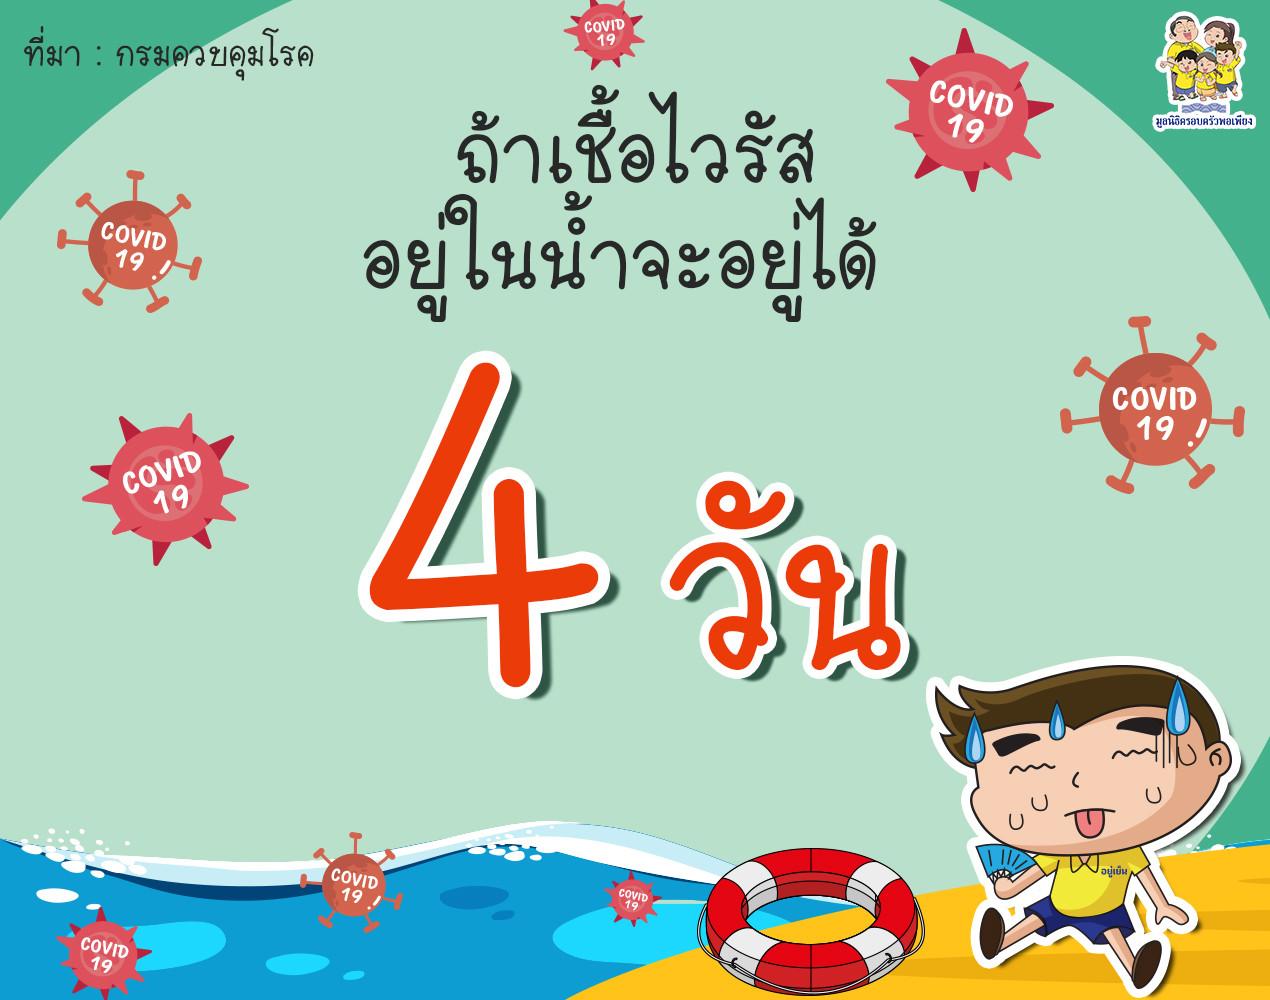 เชื้อไวรัสอยู่ในน้ำได้ถึง 4 วัน